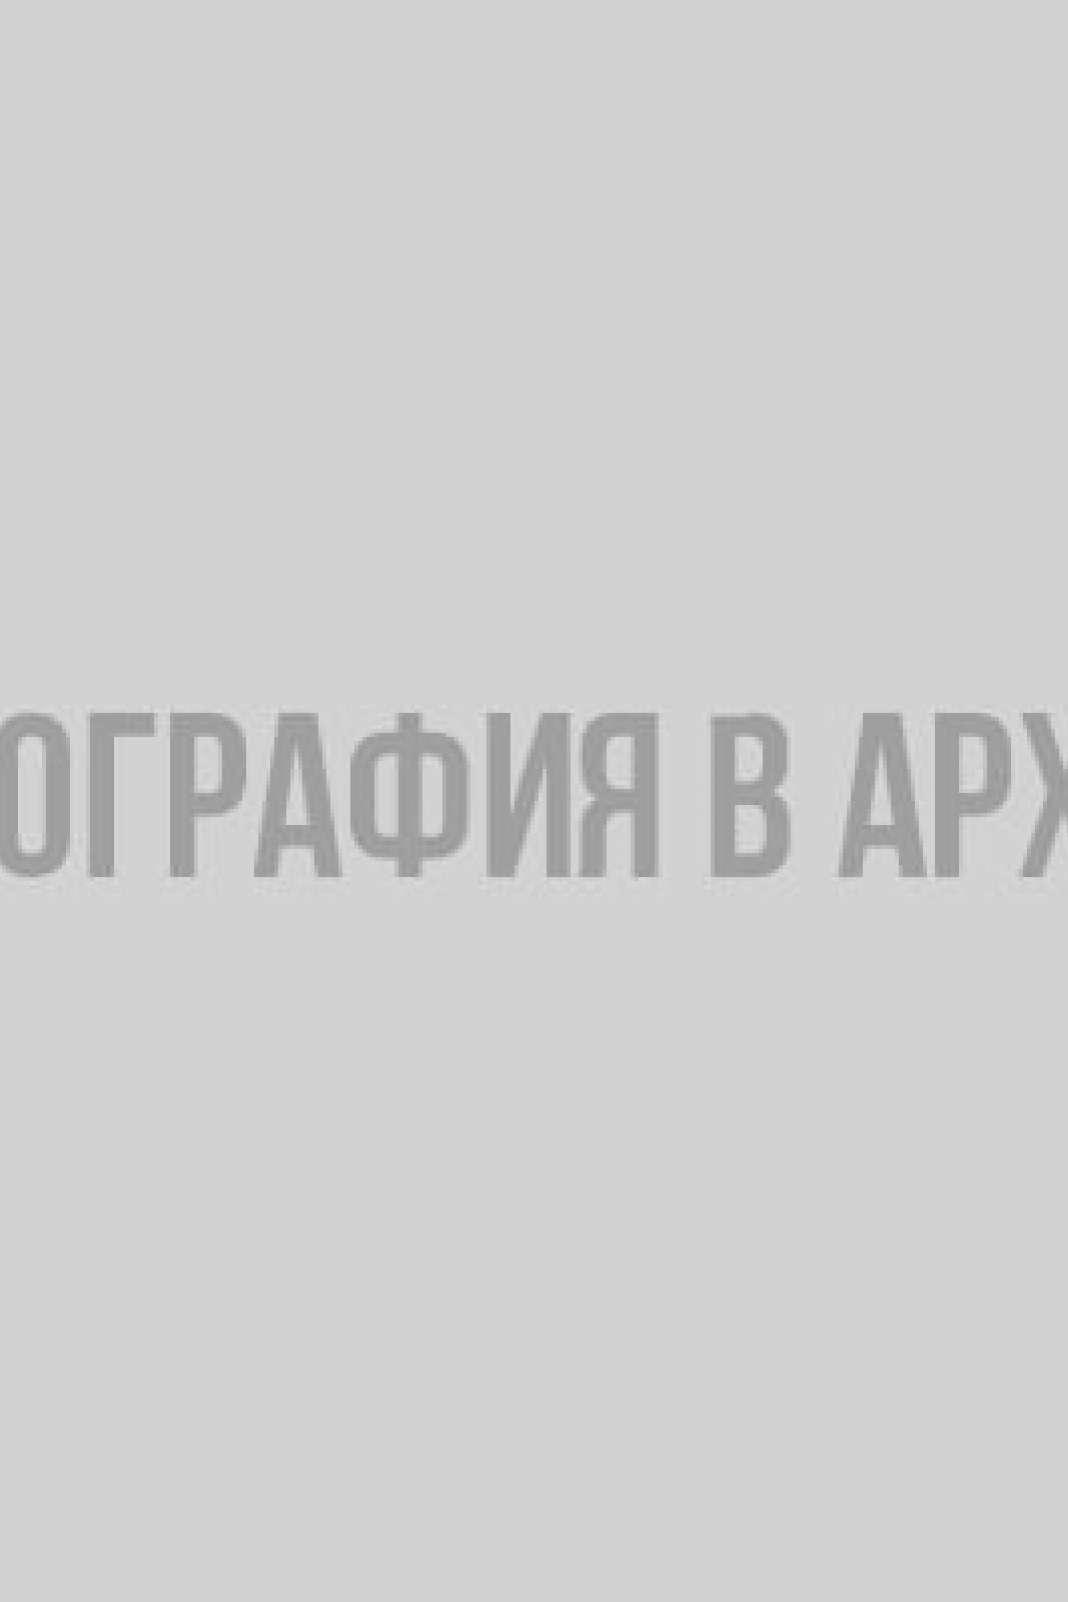 В Ленинградском зоопарке родился очаровательный барашек Овцы, Ленинградский зоопарк, барашек